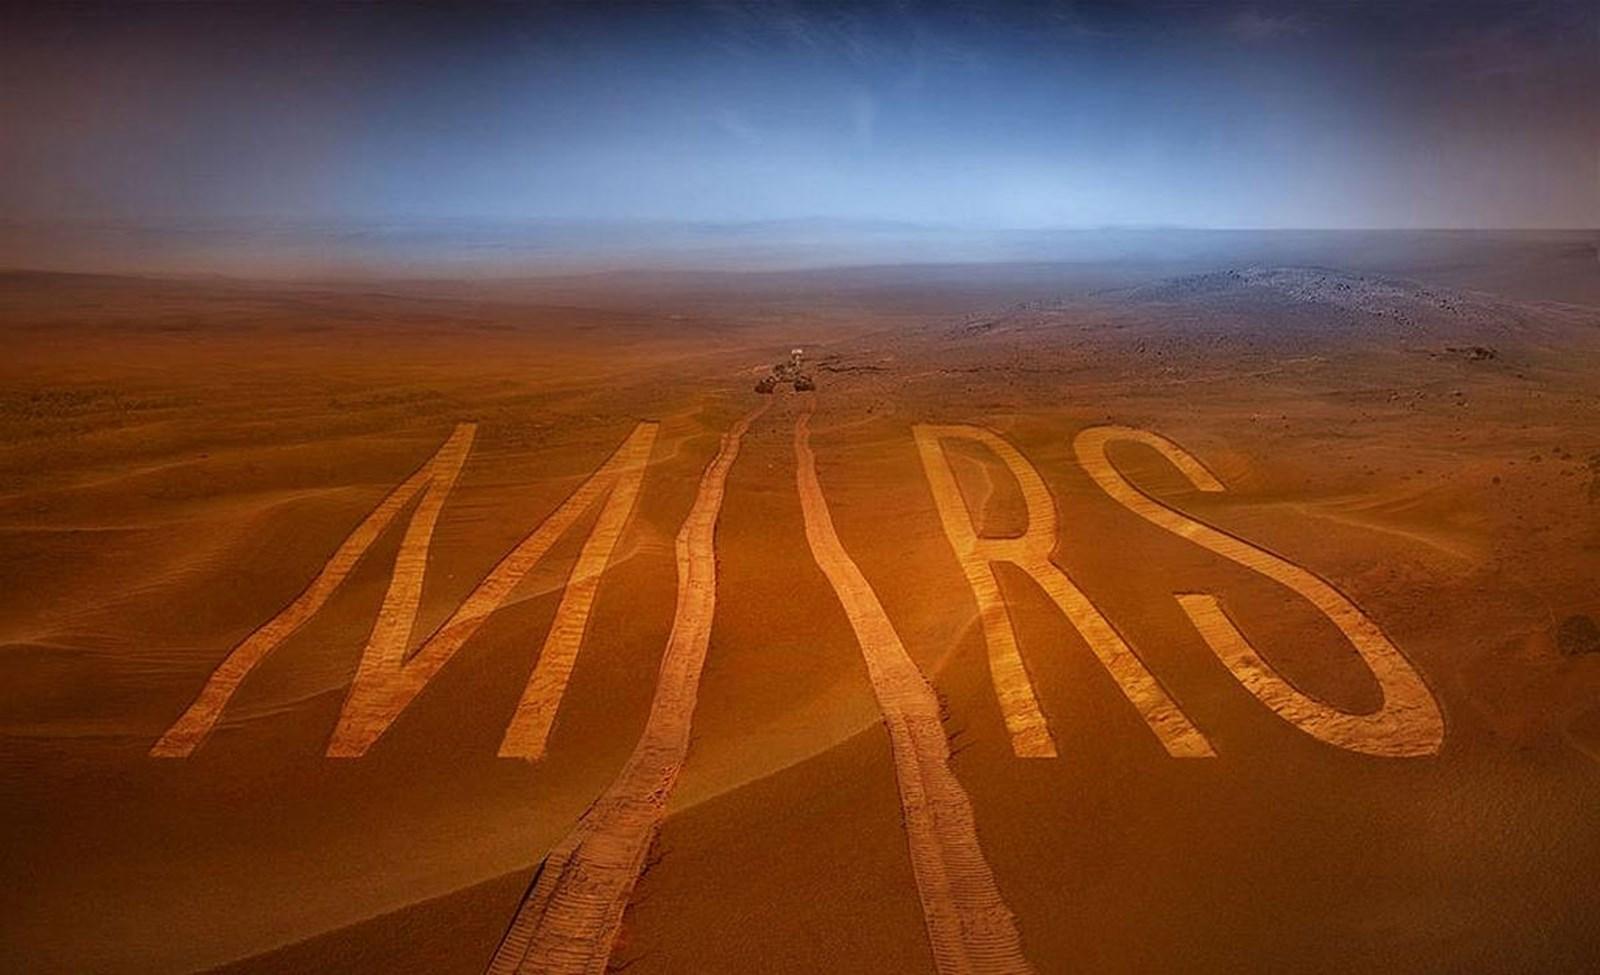 Jeder kann bei der nächsten Rover-Mission zum Mars namentlich vertreten sein